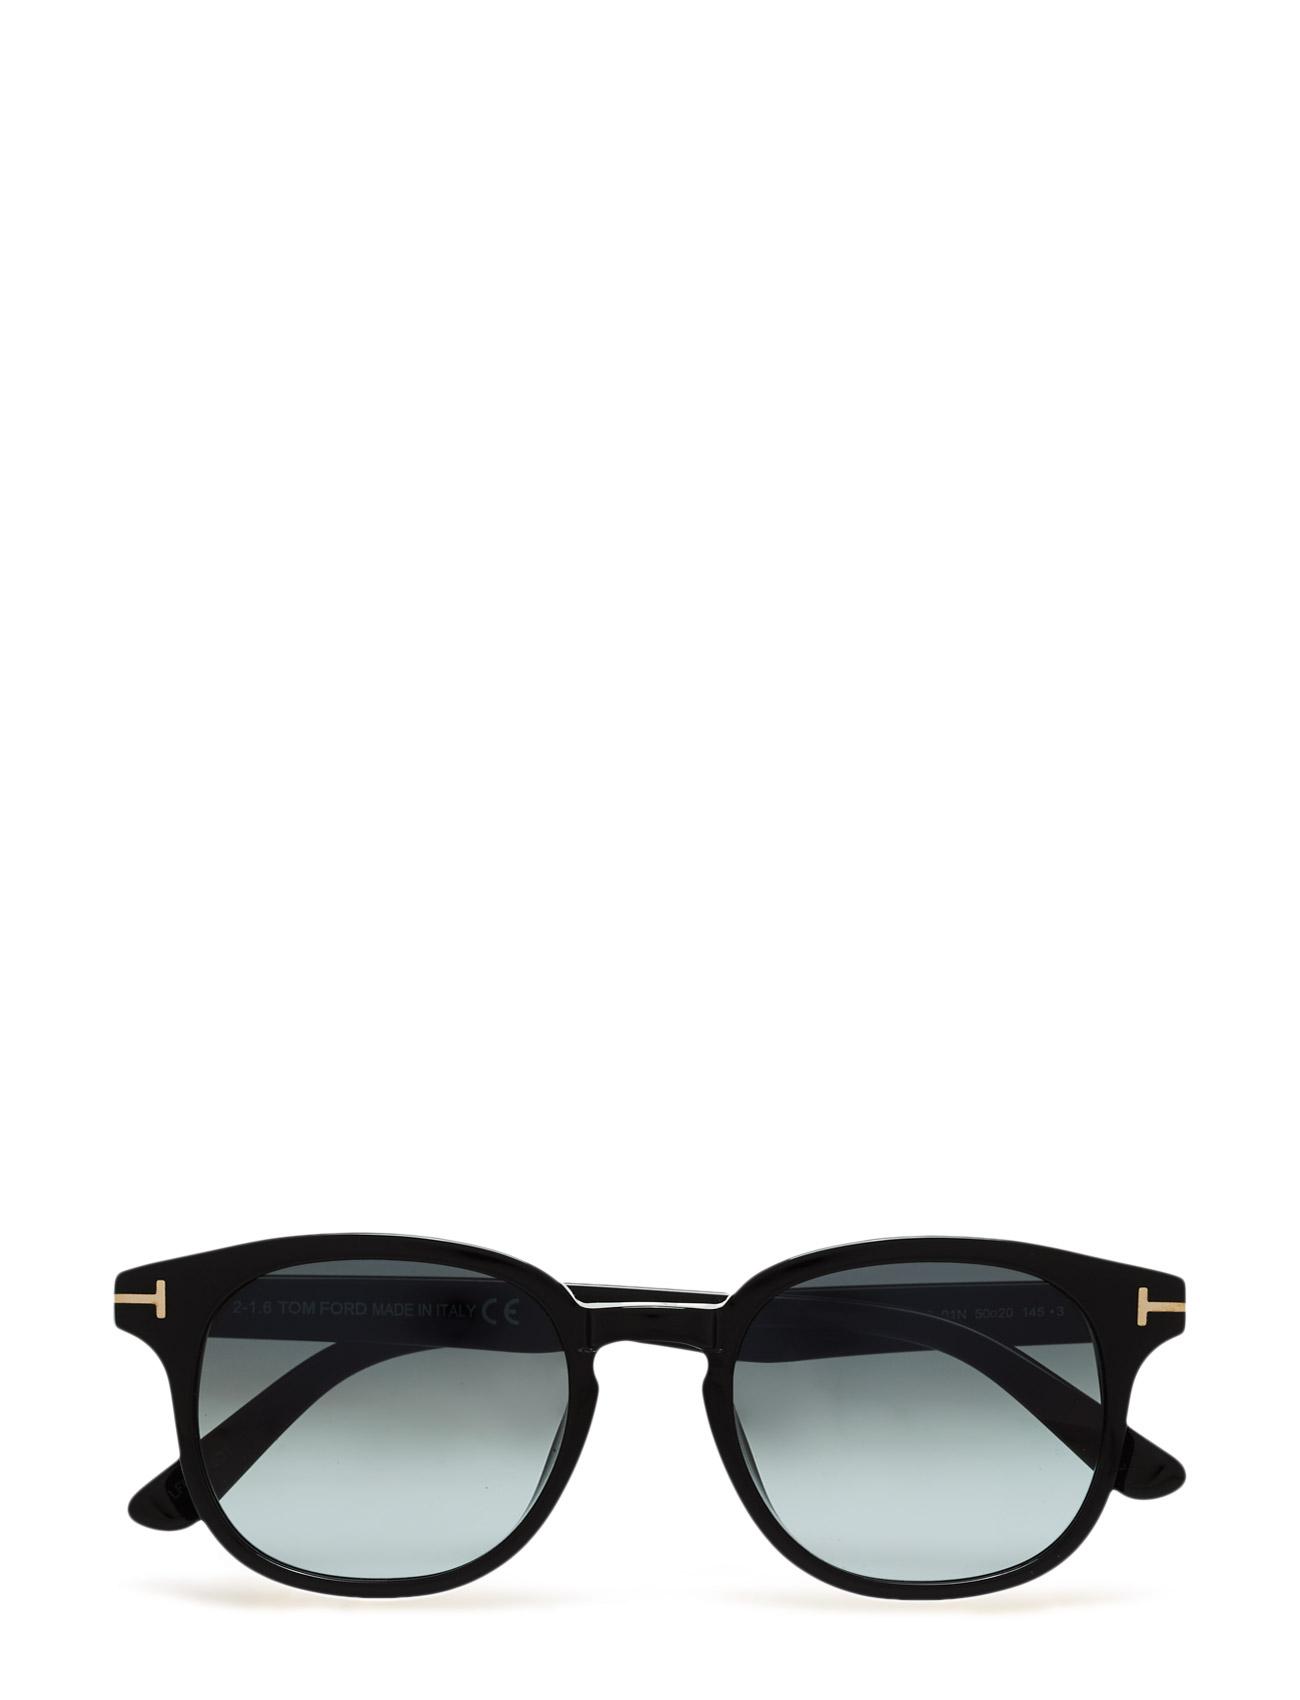 Tom Ford Frank Tom Ford Sunglasses Solbriller til Kvinder i